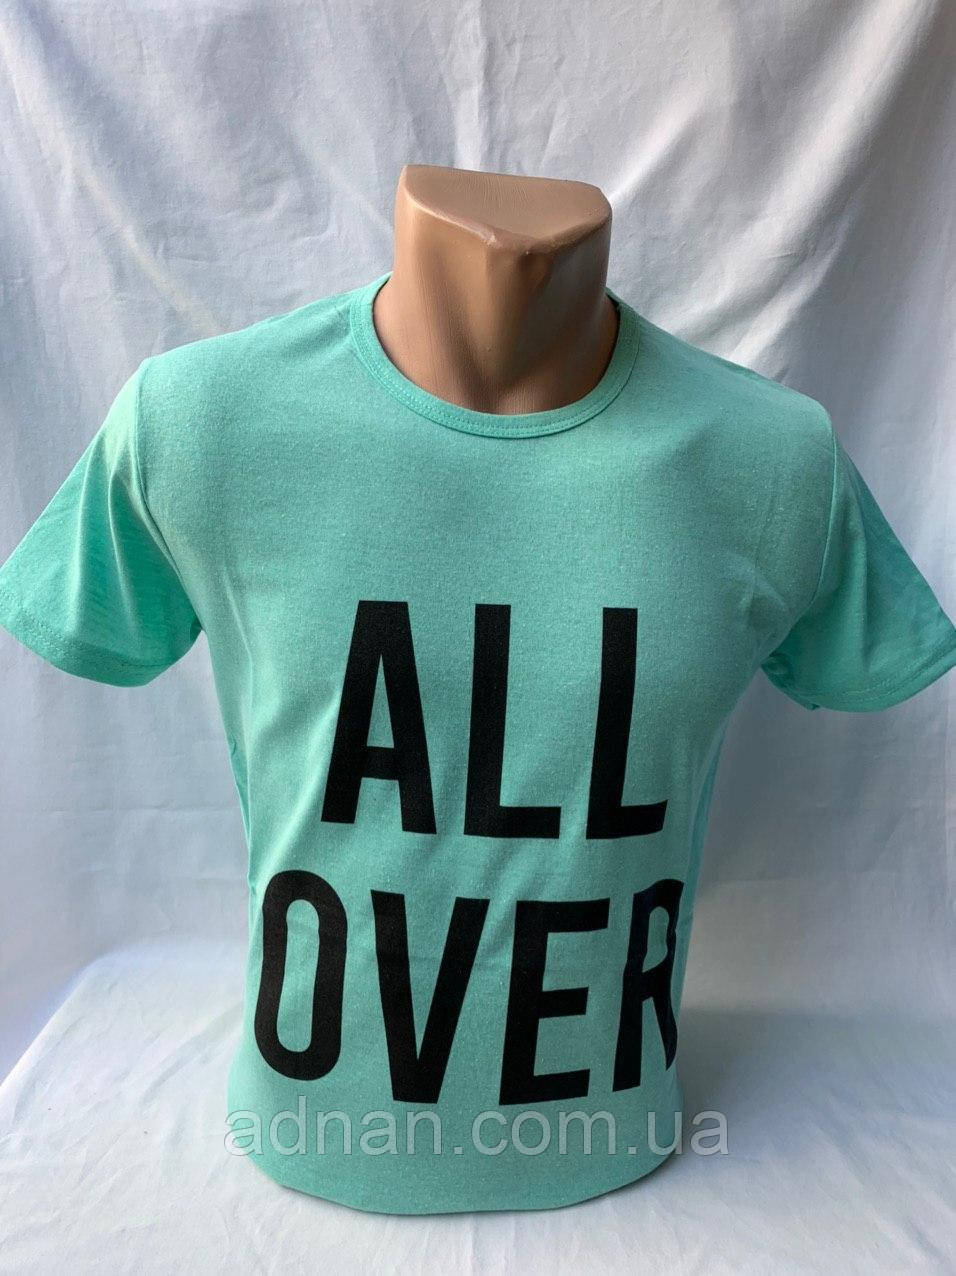 Футболка мужская фирмы KLAS 23 х/б ALL OVER 006 \ купить футболку мужскую оптом